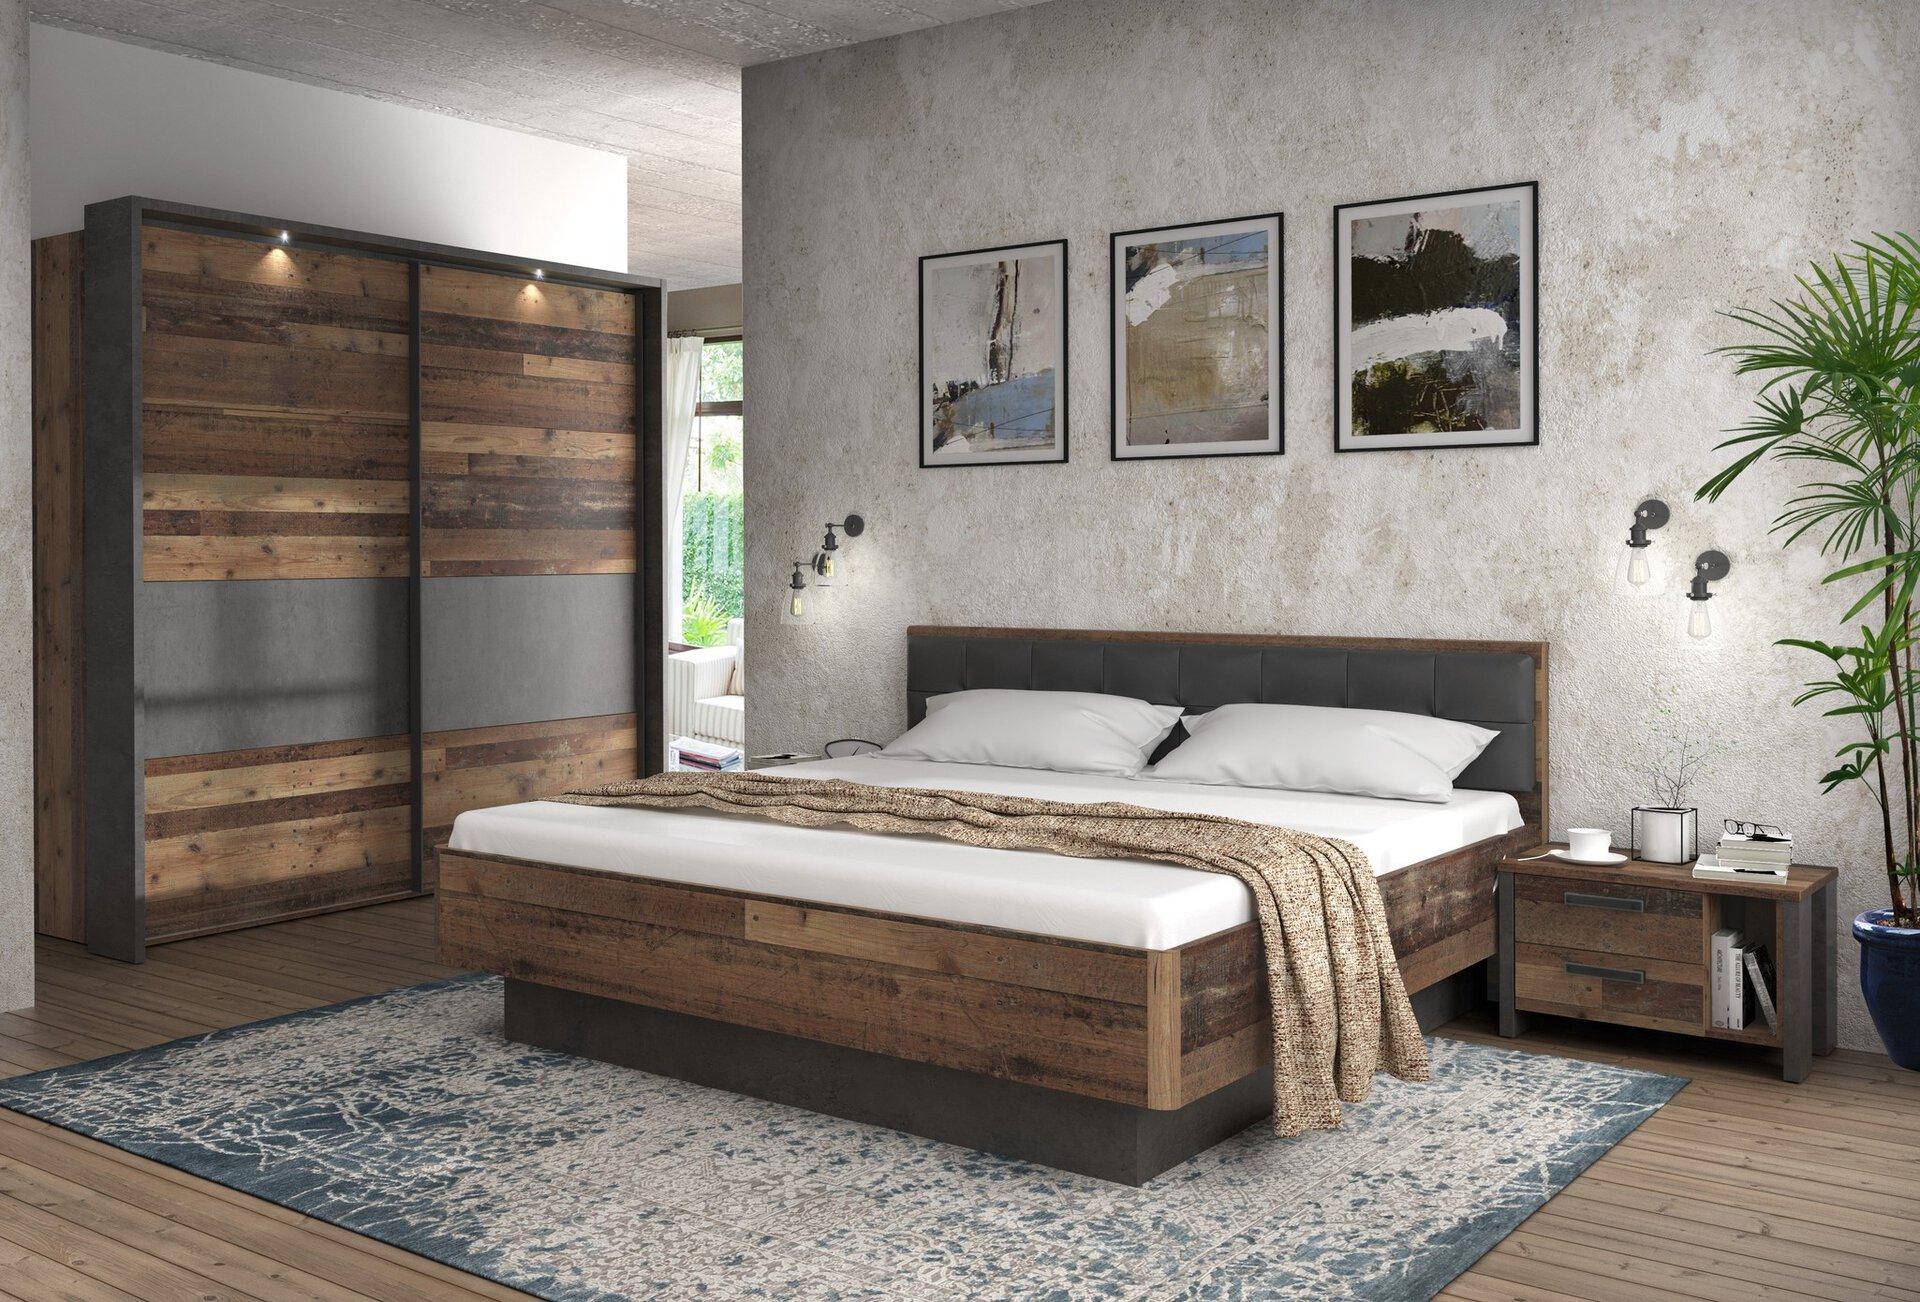 Schwebetürenschrank Clif Binou Forte Holzwerkstoff 62 x 211 x 270 cm